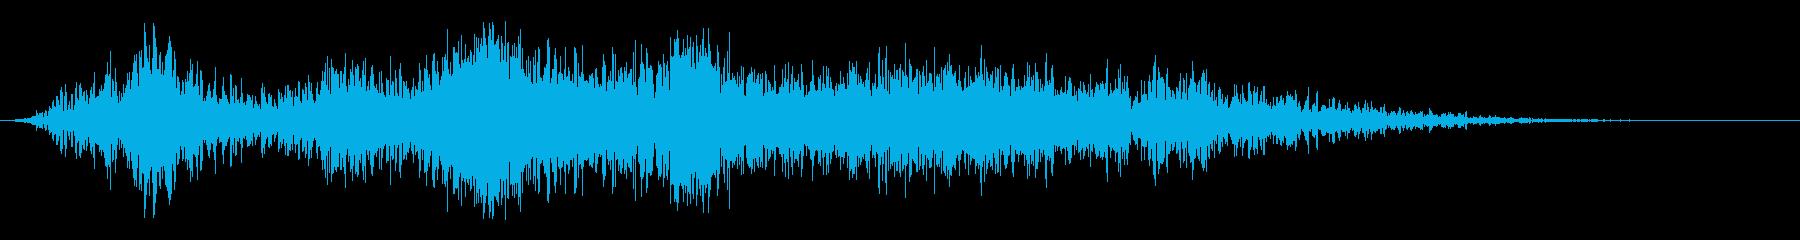 乱流の複雑なフーシュ2の再生済みの波形